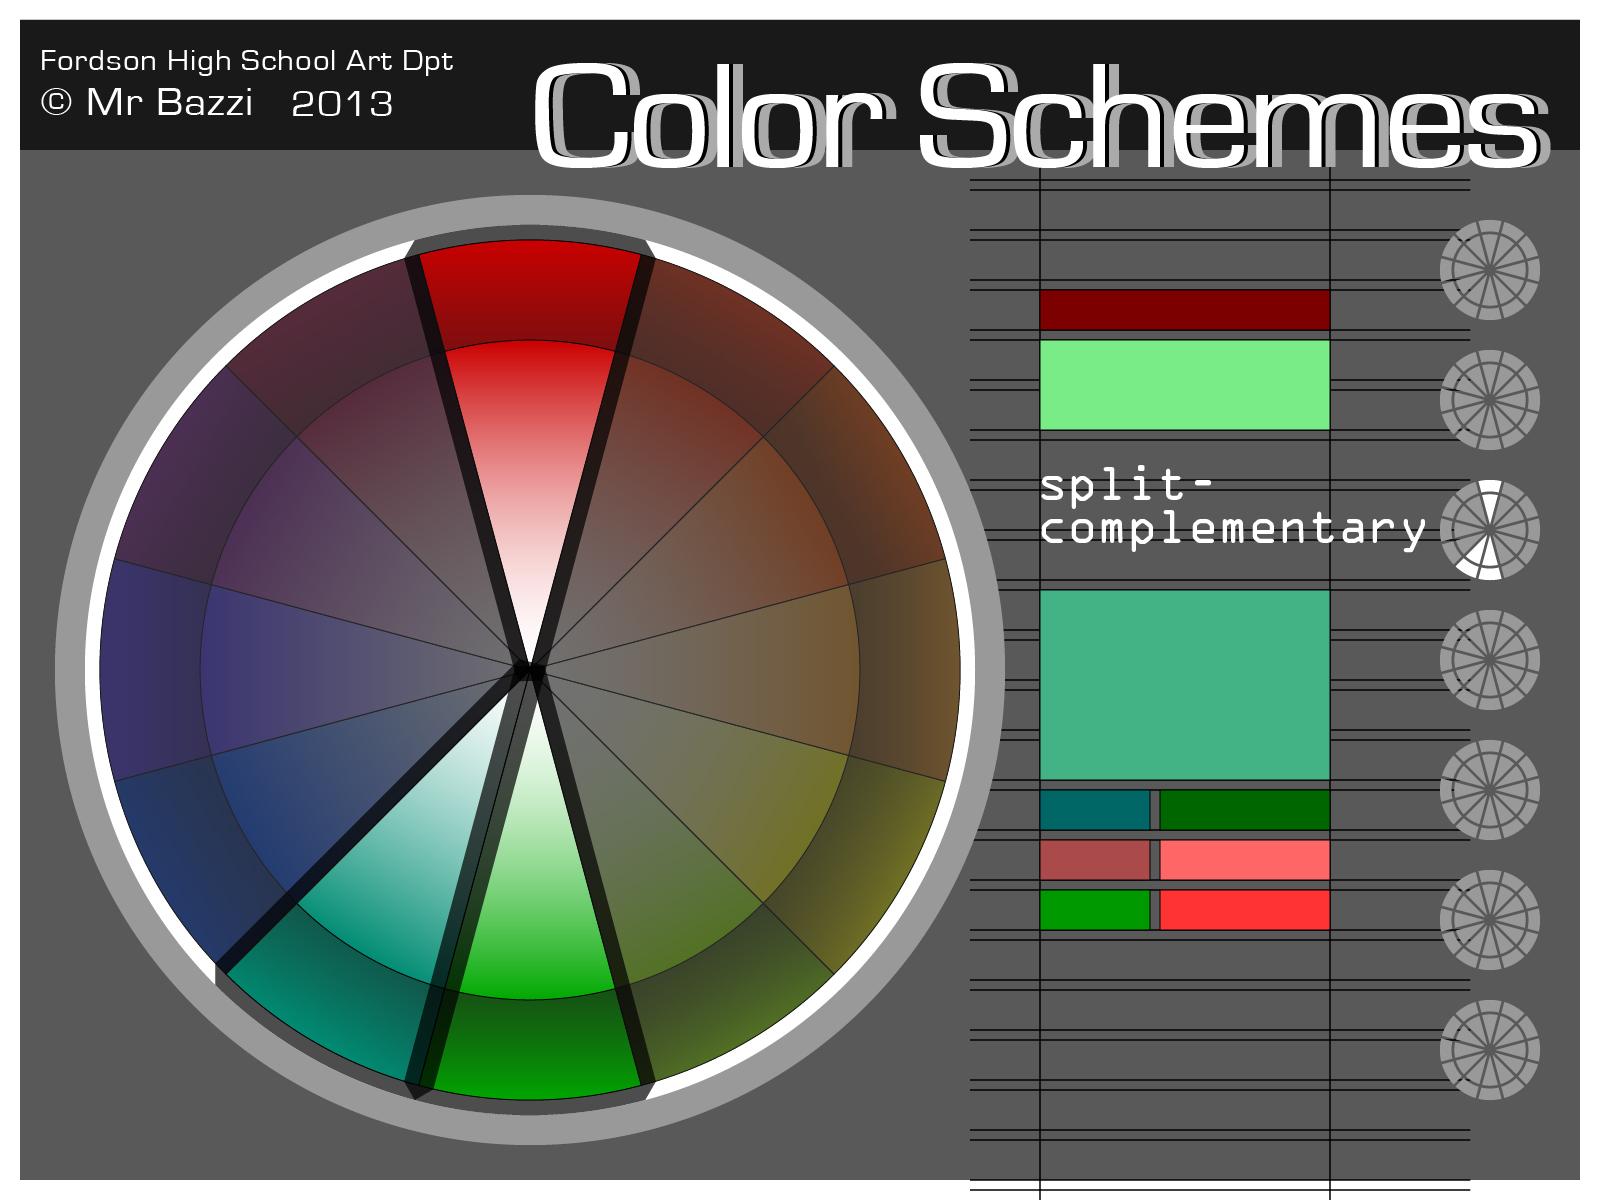 Color schemes bazzi art - Split complementary color scheme ...